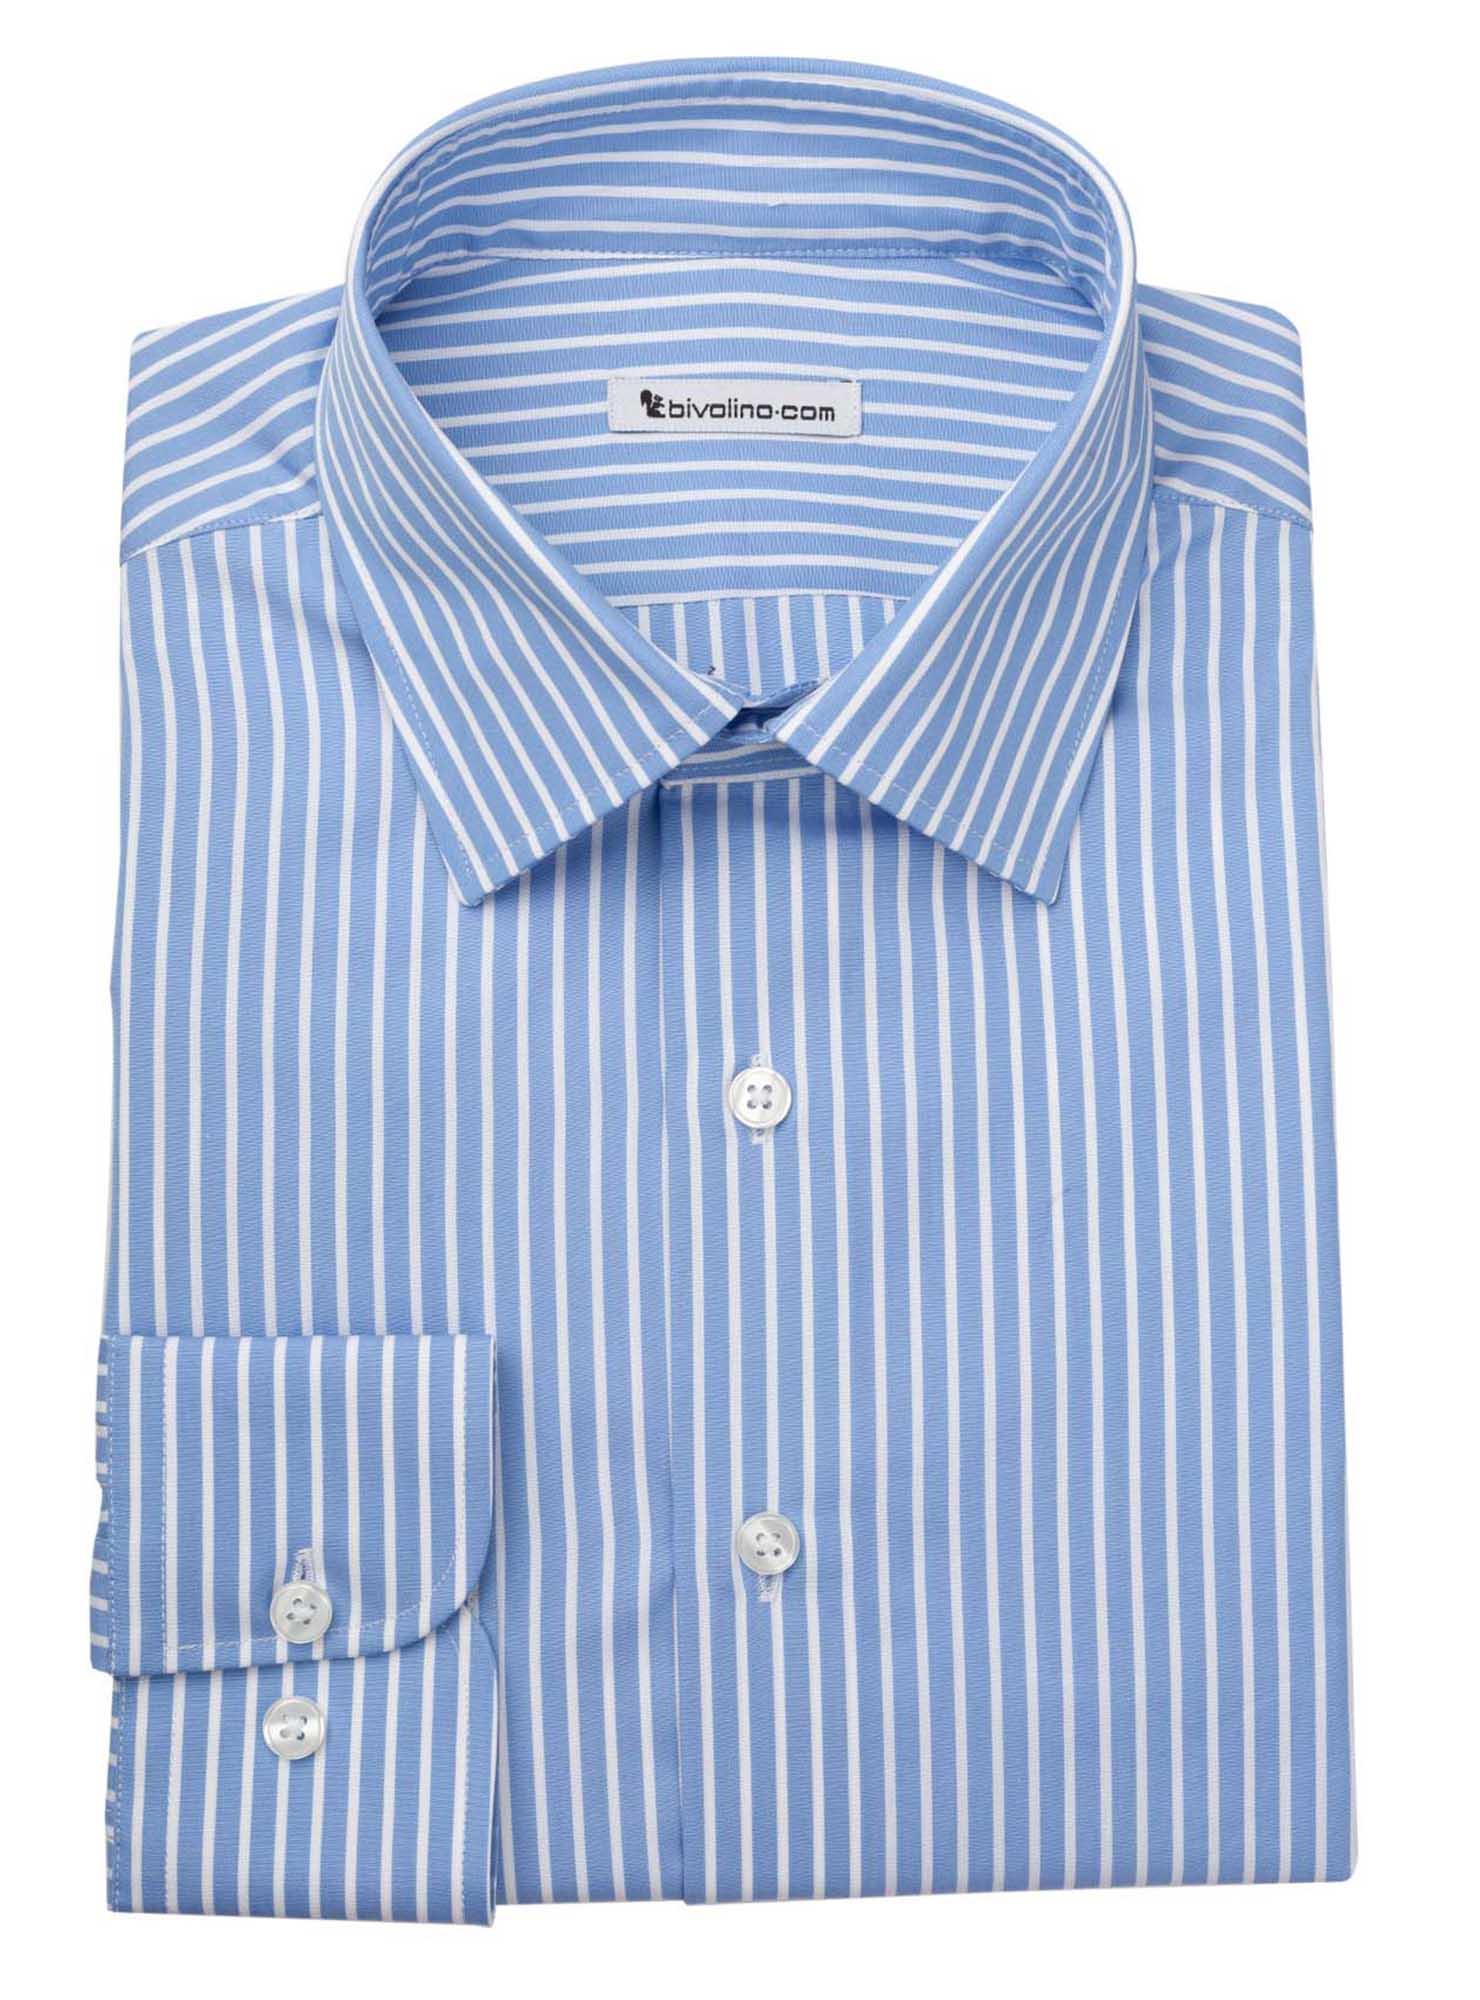 MARAGO - Männerhemd Vollzwirn Baumwolle  blaue Streifen - TUFO 0